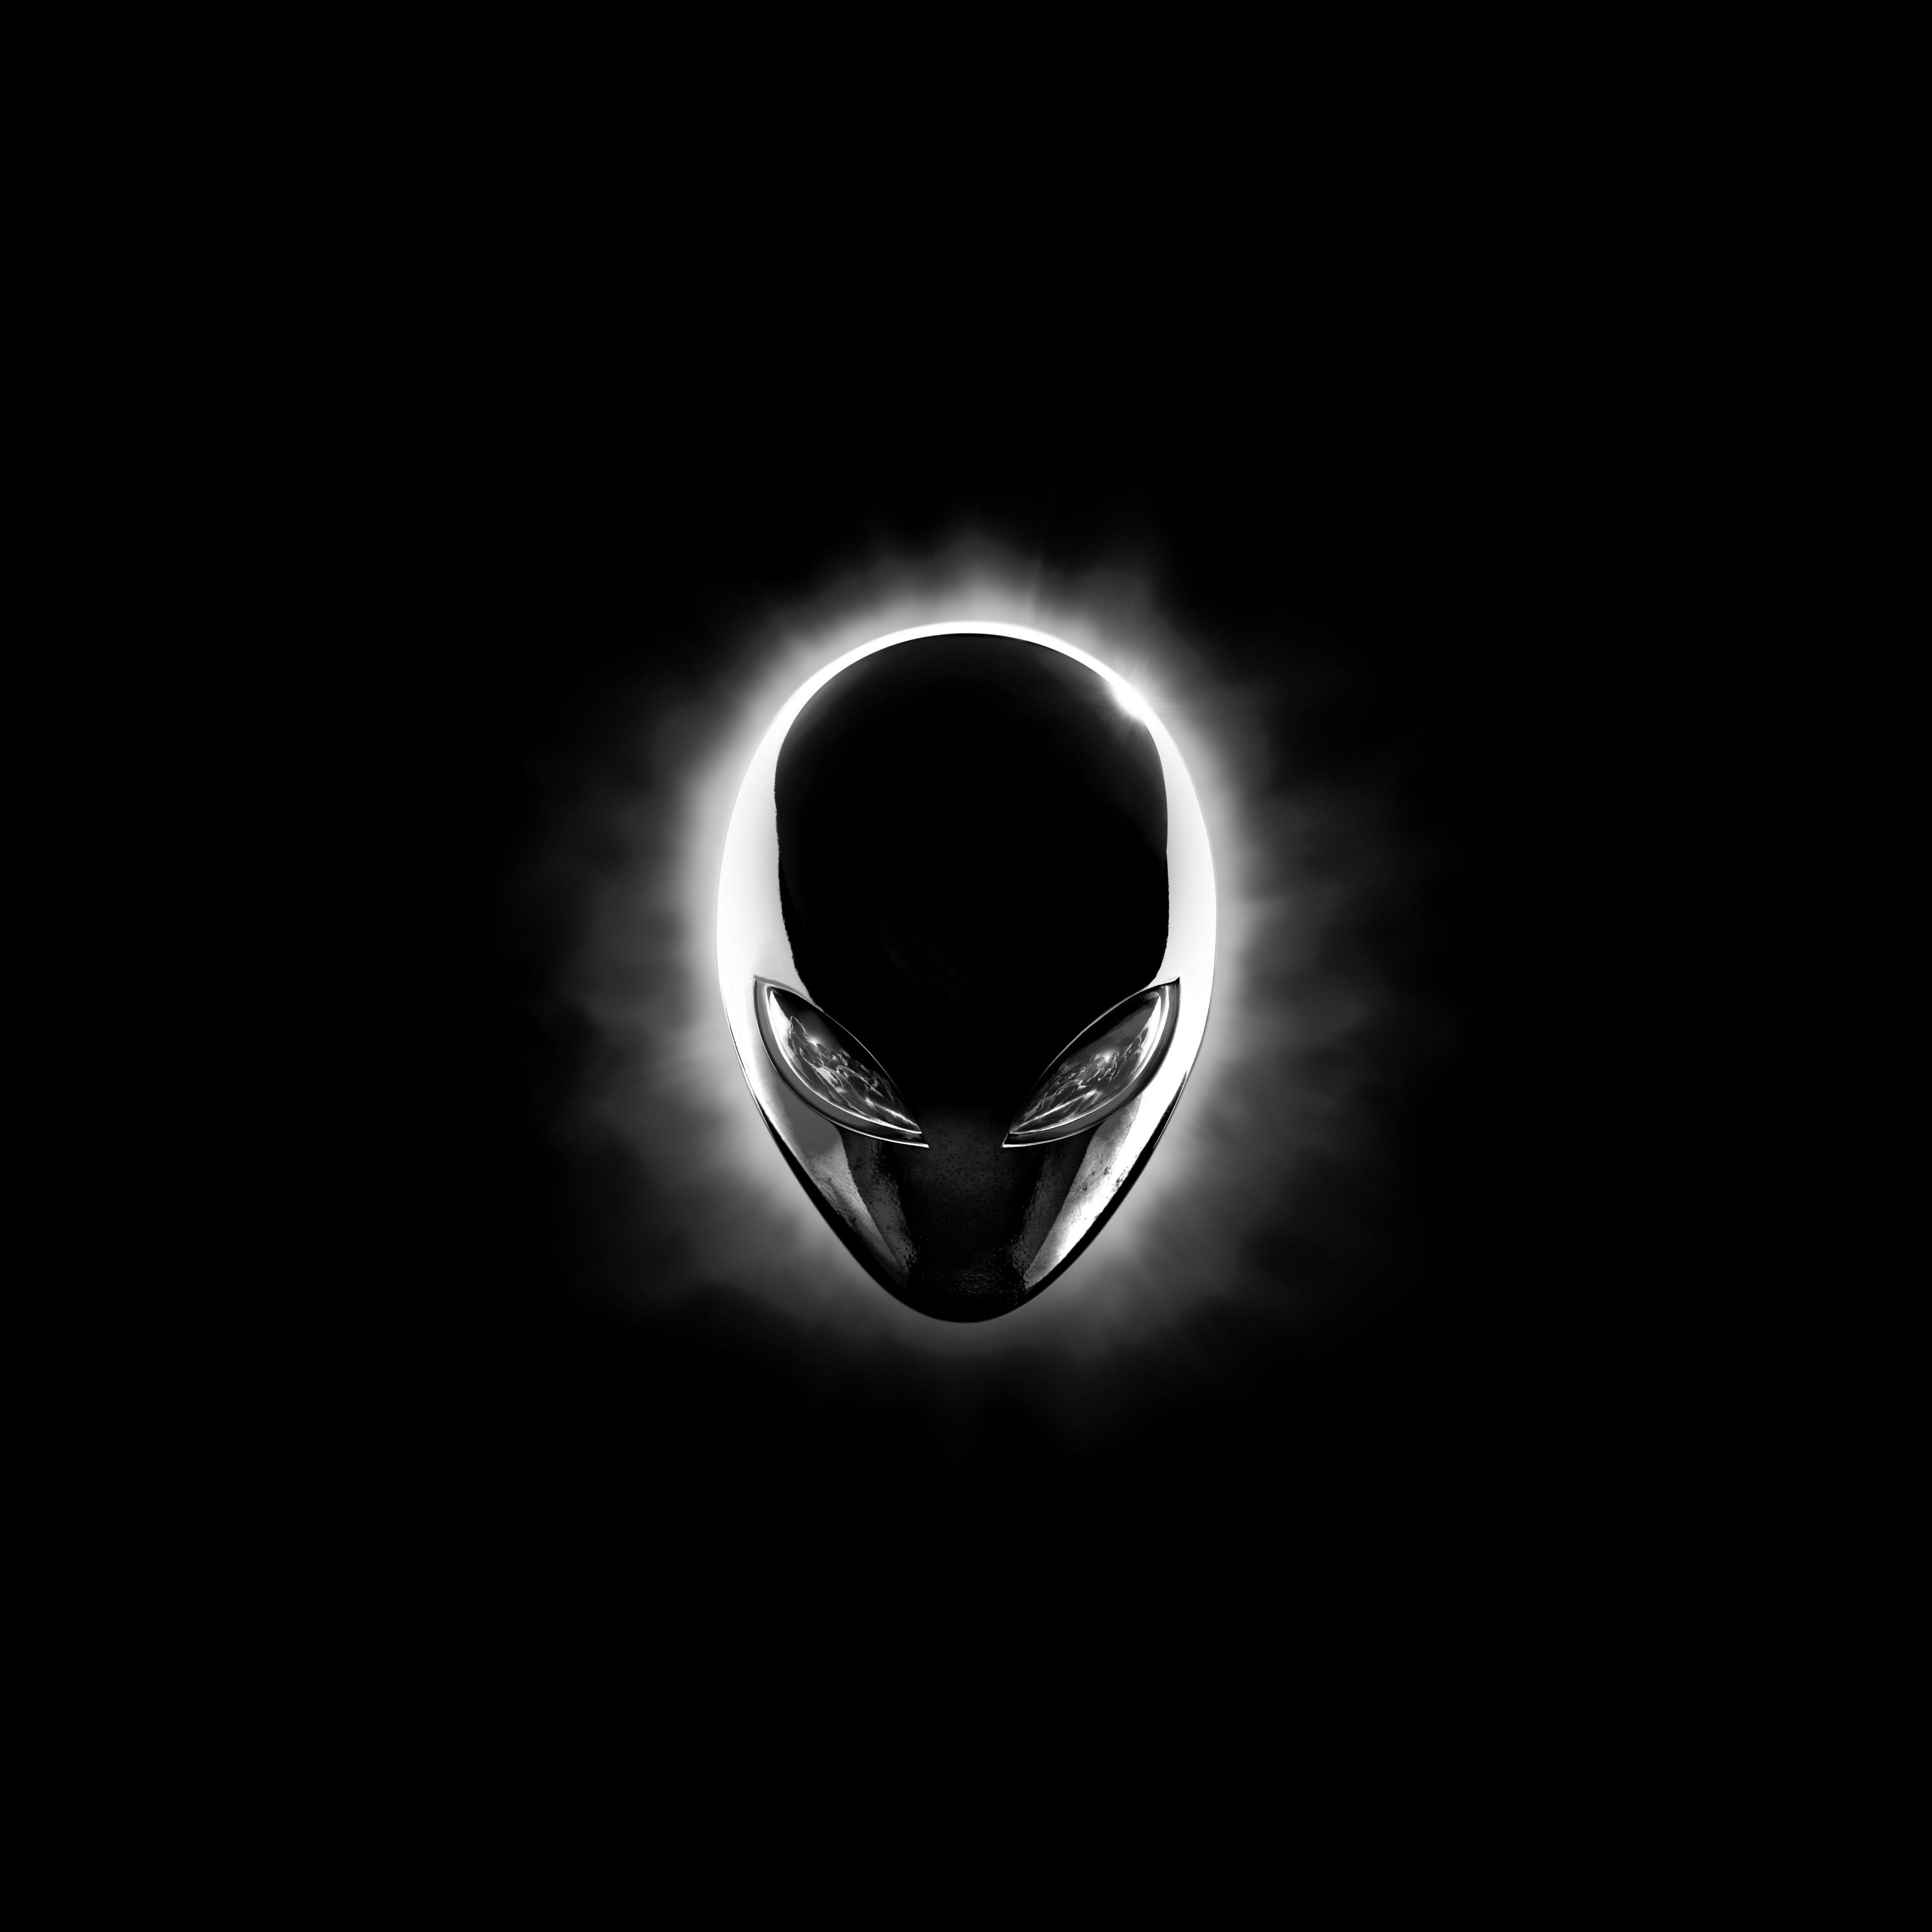 Alienware Iphone Wallpaper Alienware Eclipse Head Black 8k Uhd Wallpaper